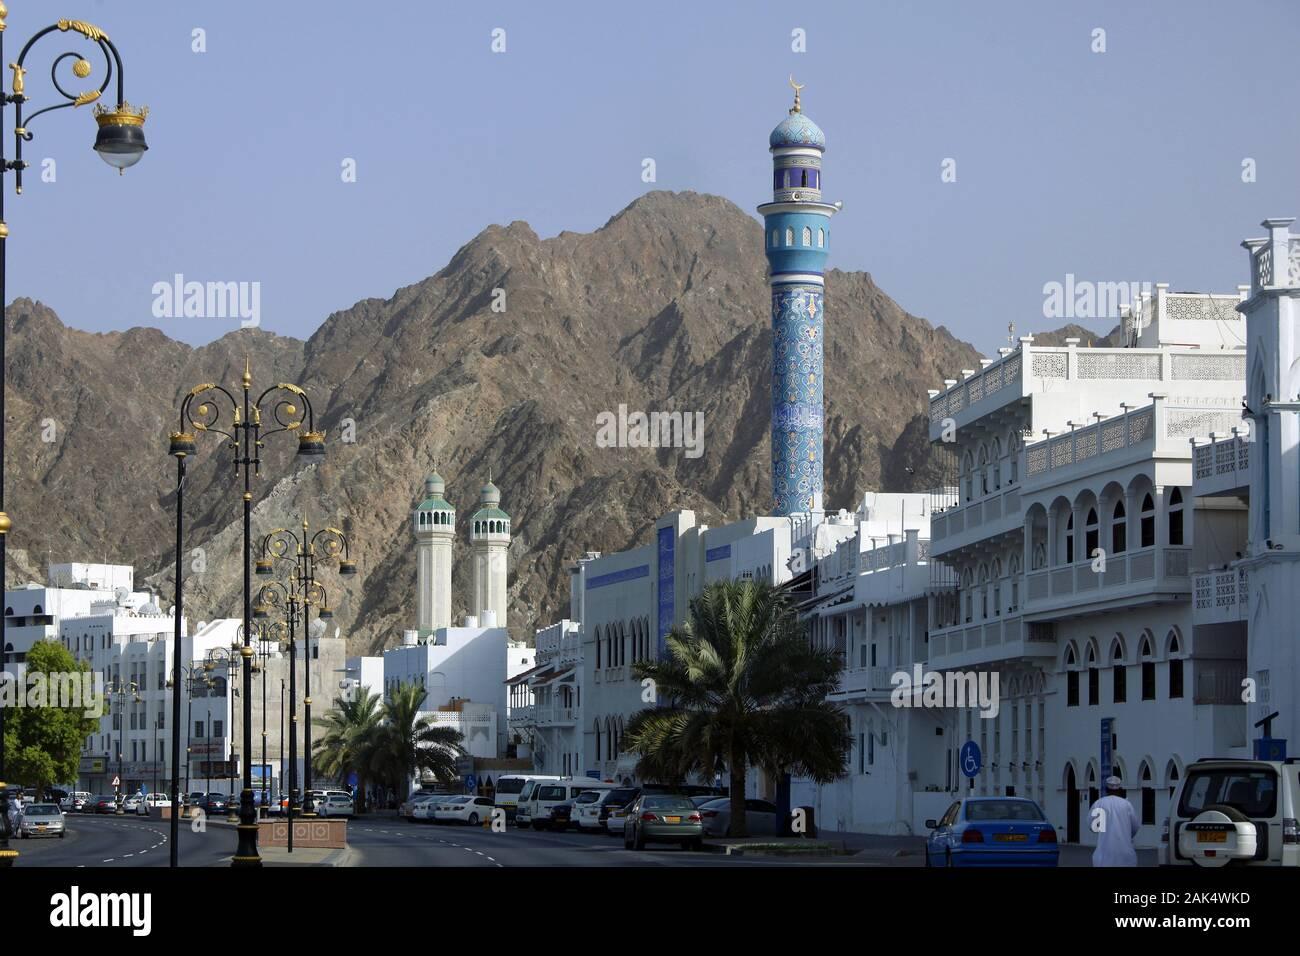 Oman: Hauptstadt Muscat (Maskat), historische Handelshaeuser und Mutrah Moschee an der Corniche im Stadtteil Mutrah, Dubai | usage worldwide Stock Photo